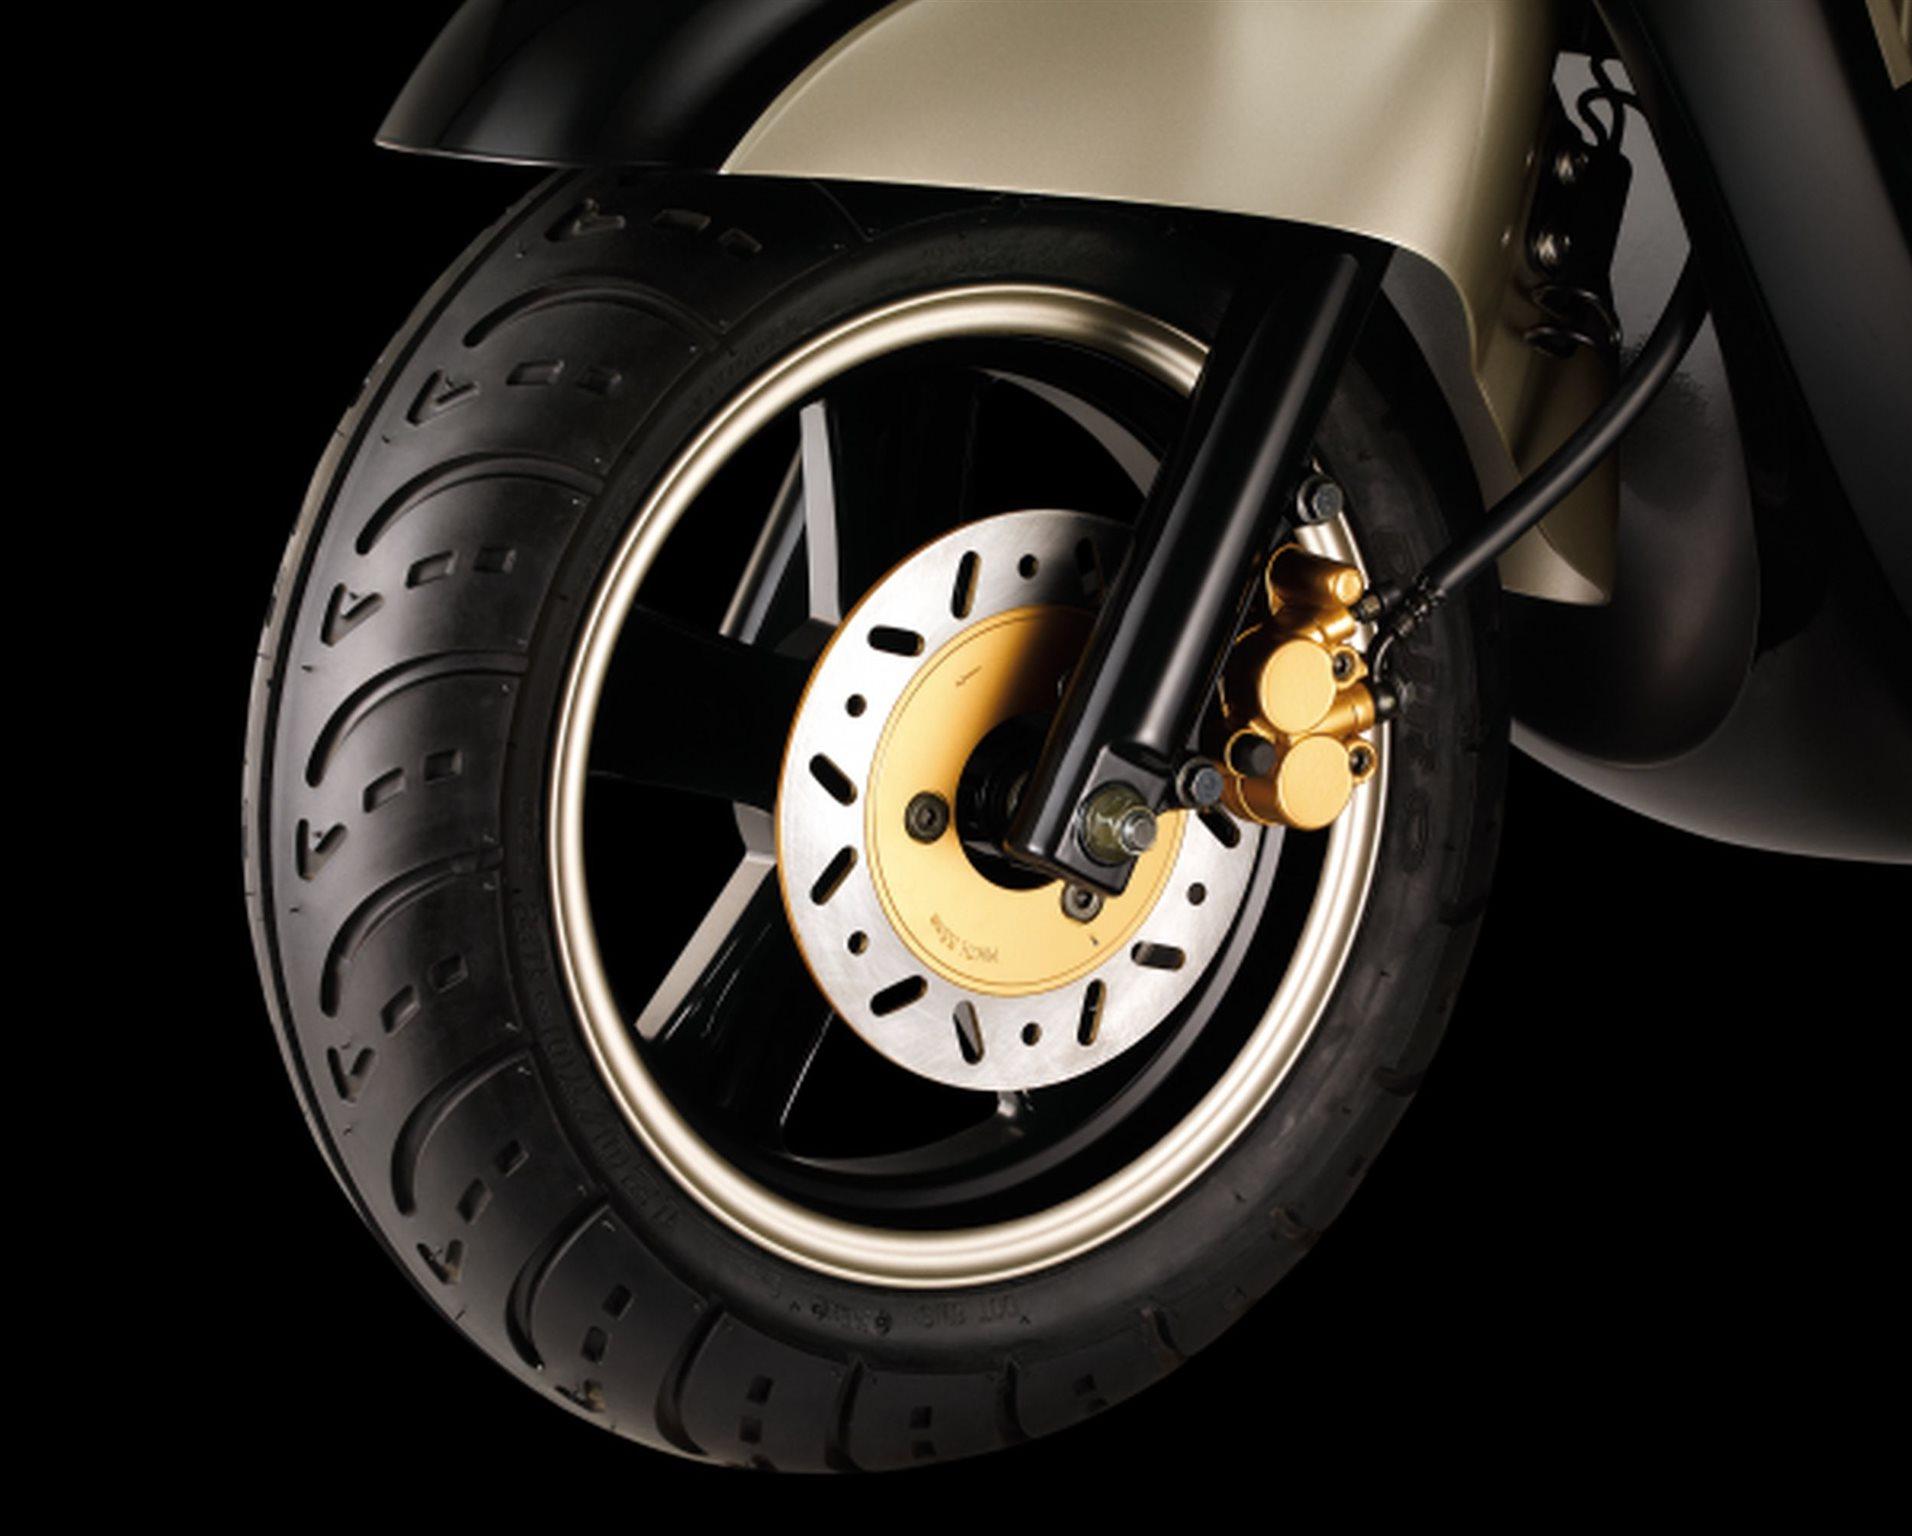 Sym Fiddle III 125 Motorrad, neu